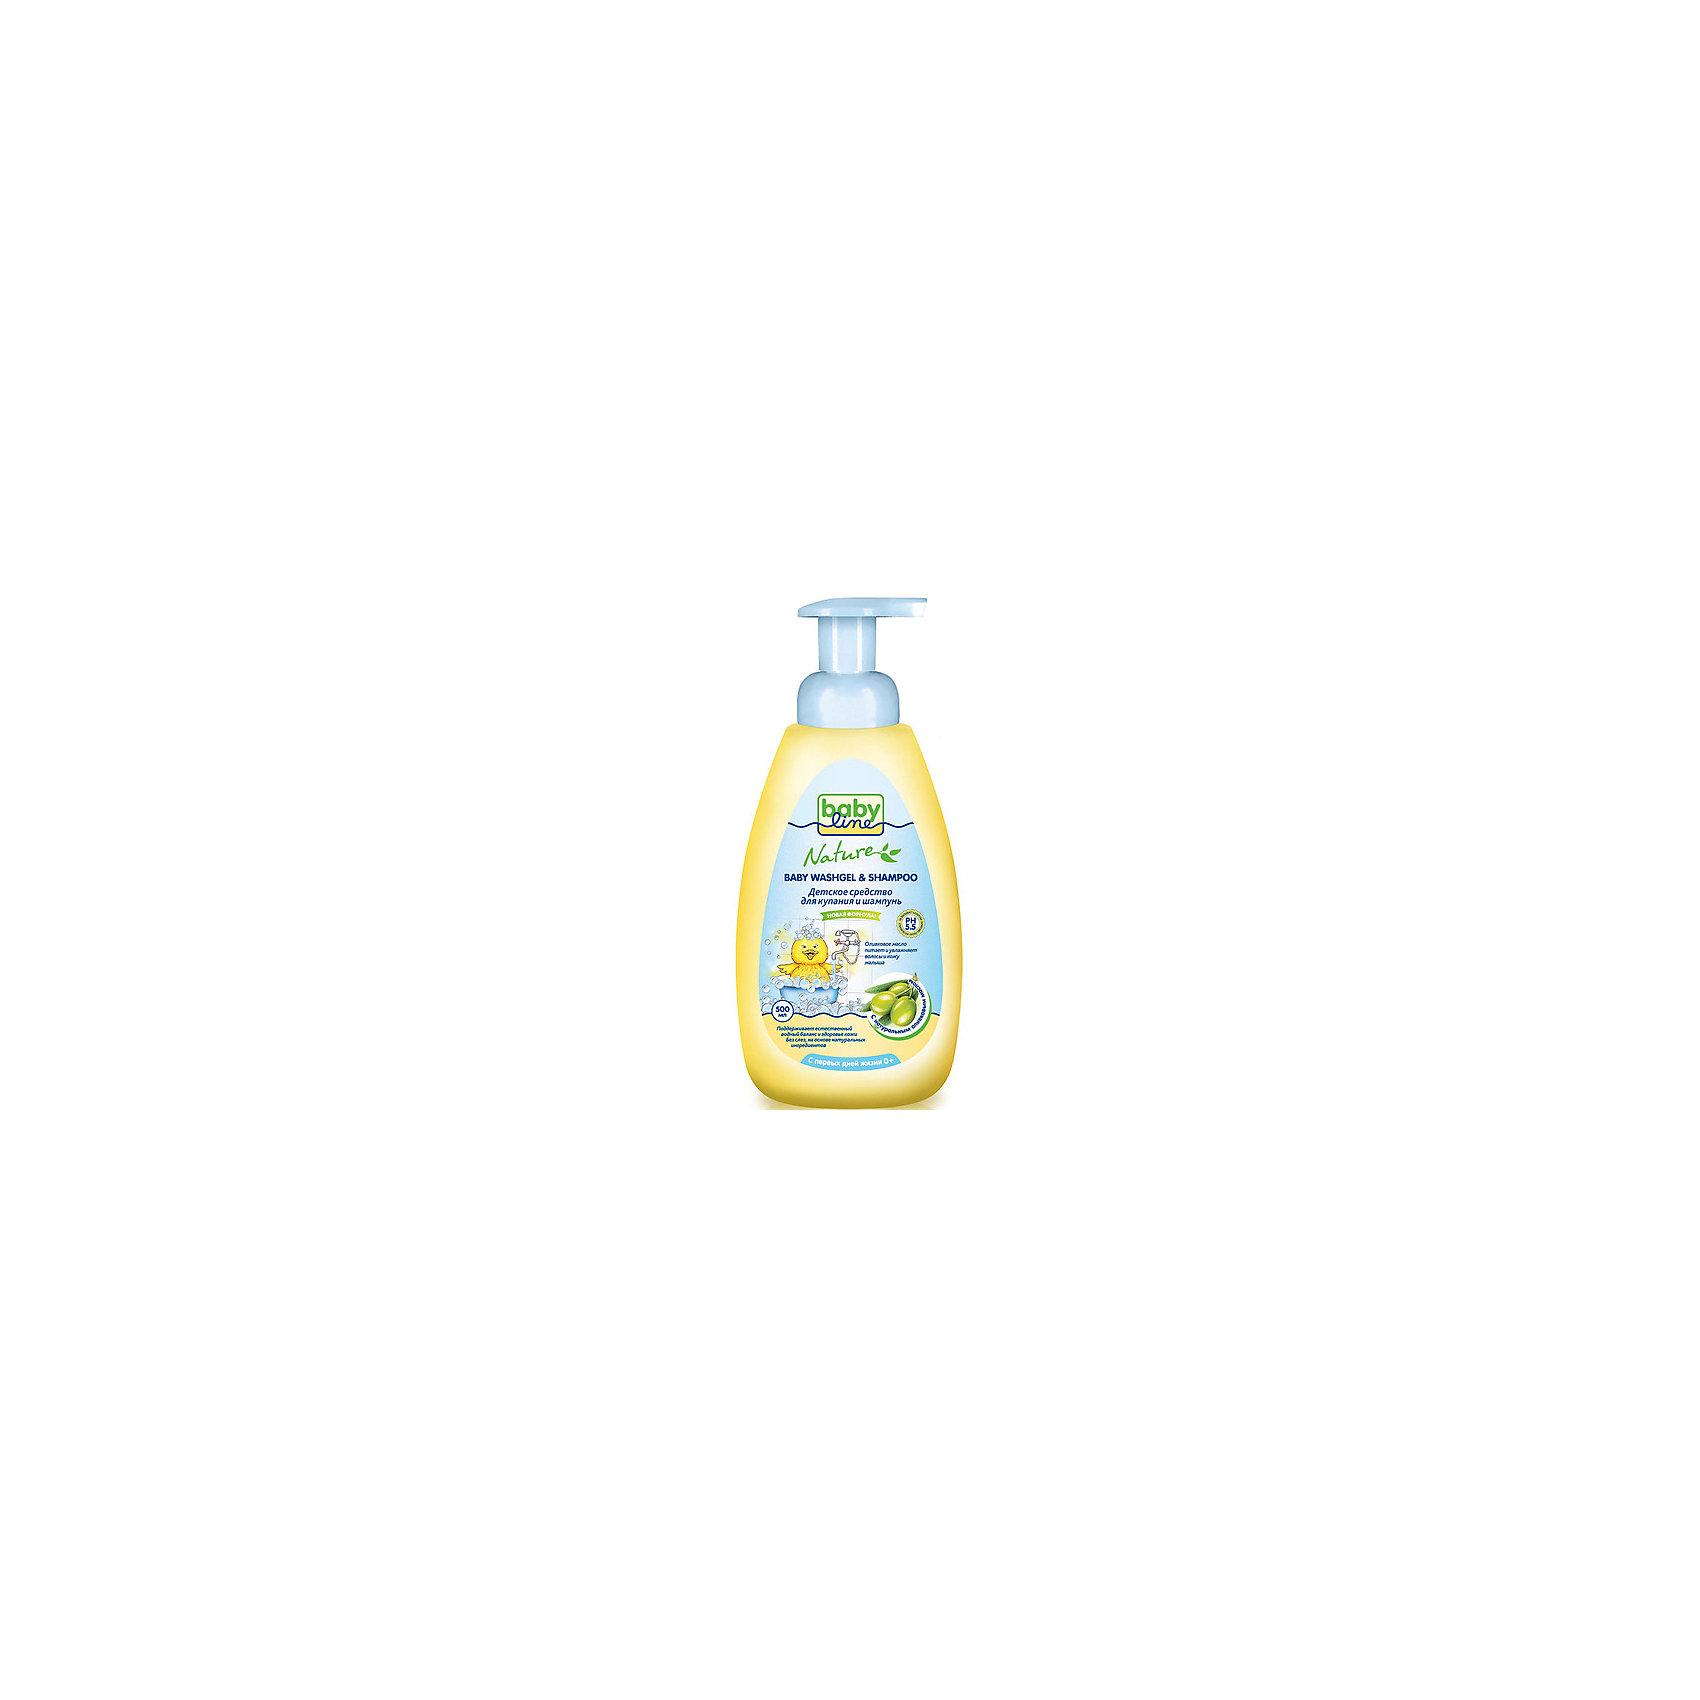 Средство для куп. и шампунь для детей с маслом оливы, Babyline, 500 мл.